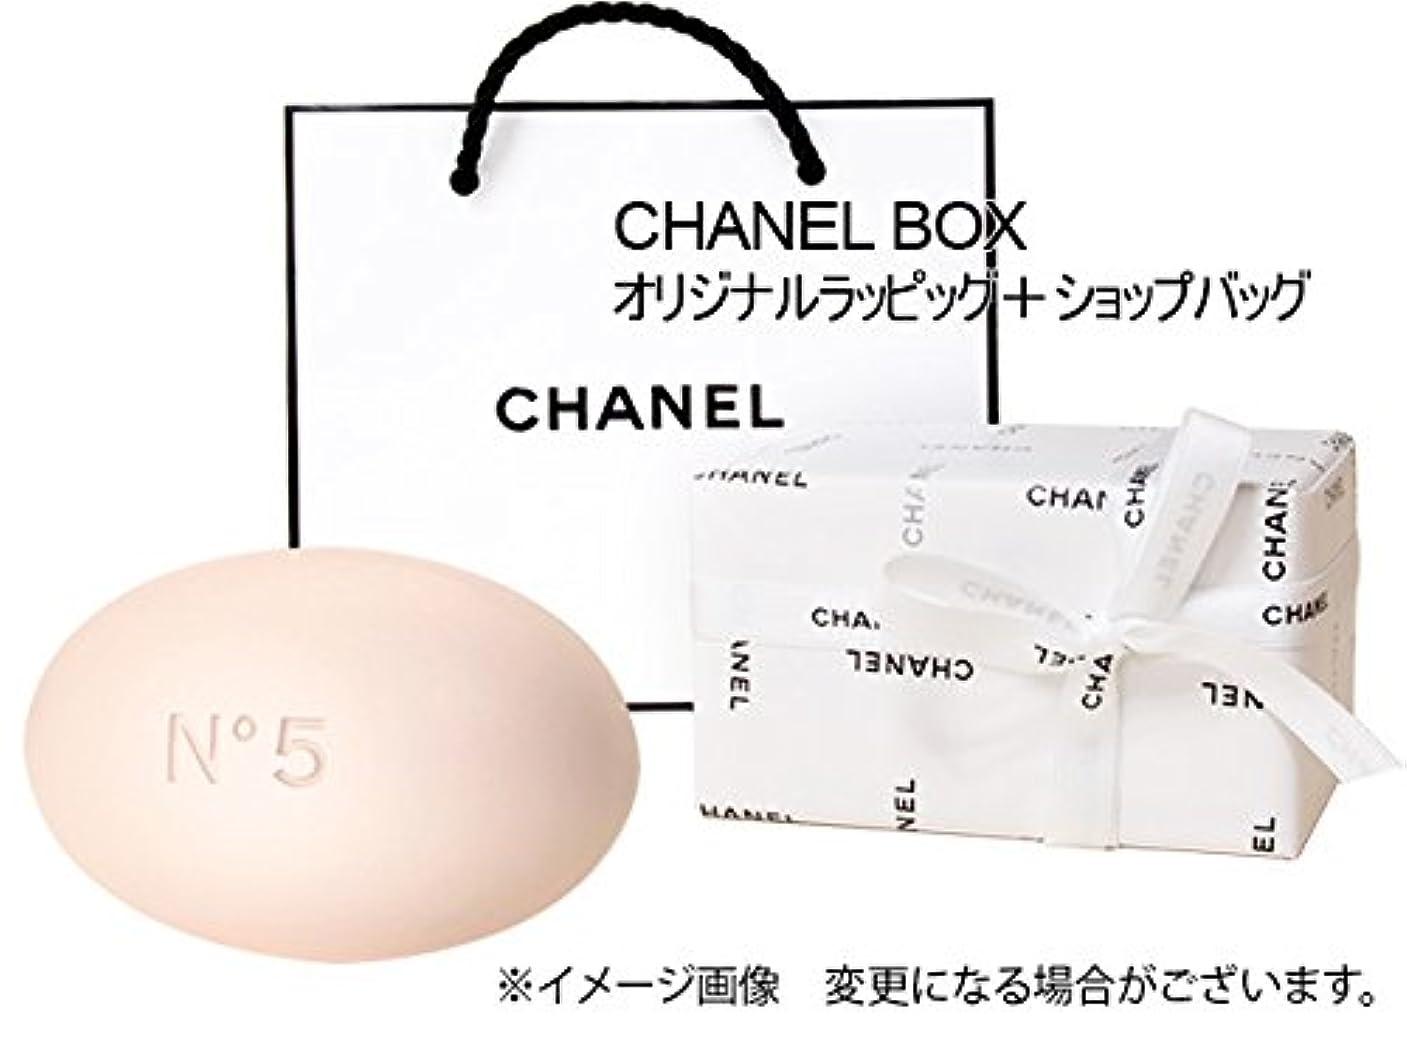 陸軍ぼんやりした持続的シャネル(CHANEL) N°5 サヴォン 150g CHANEL BOX オリジナルラッピング+ショップバッグ[並行輸入品]